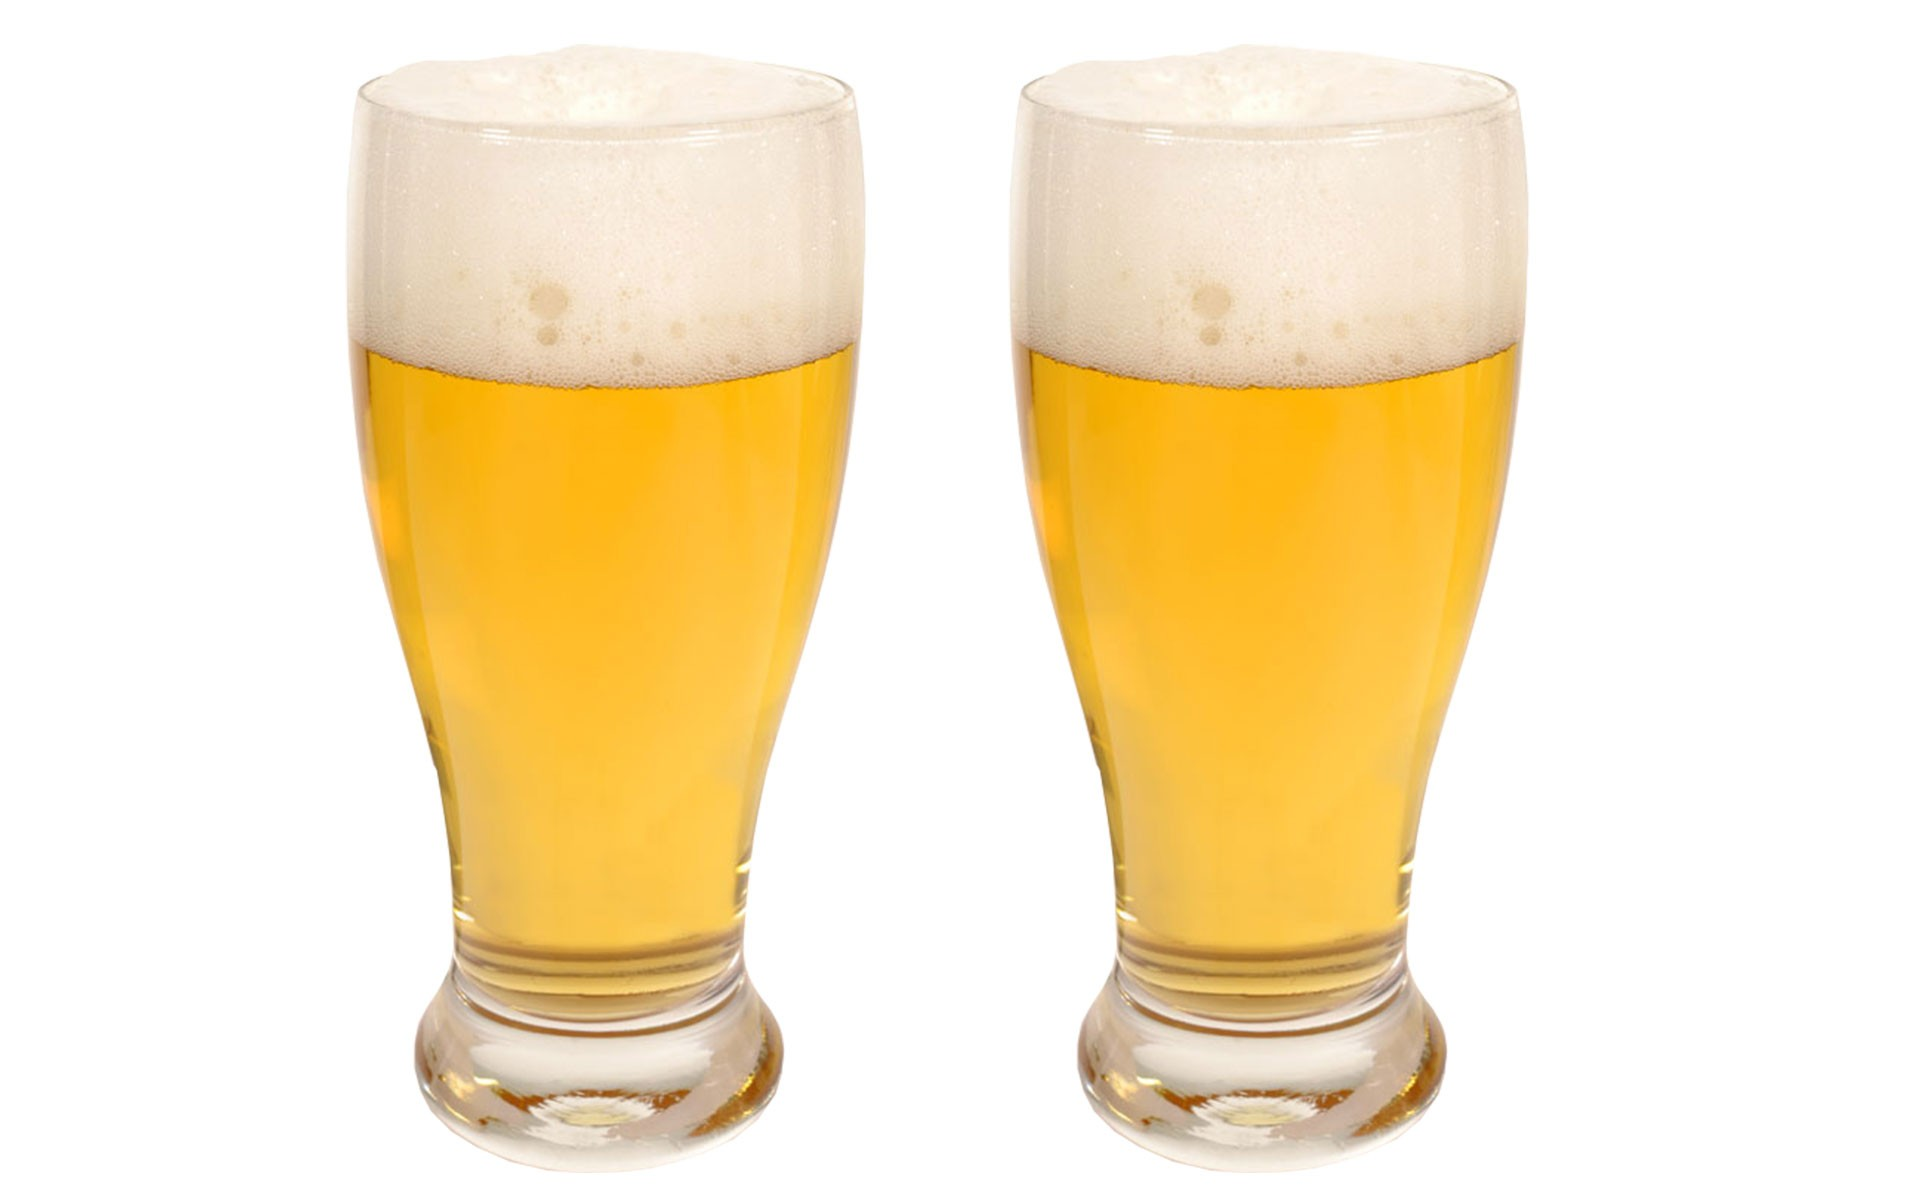 Cerveza 33 ml x2